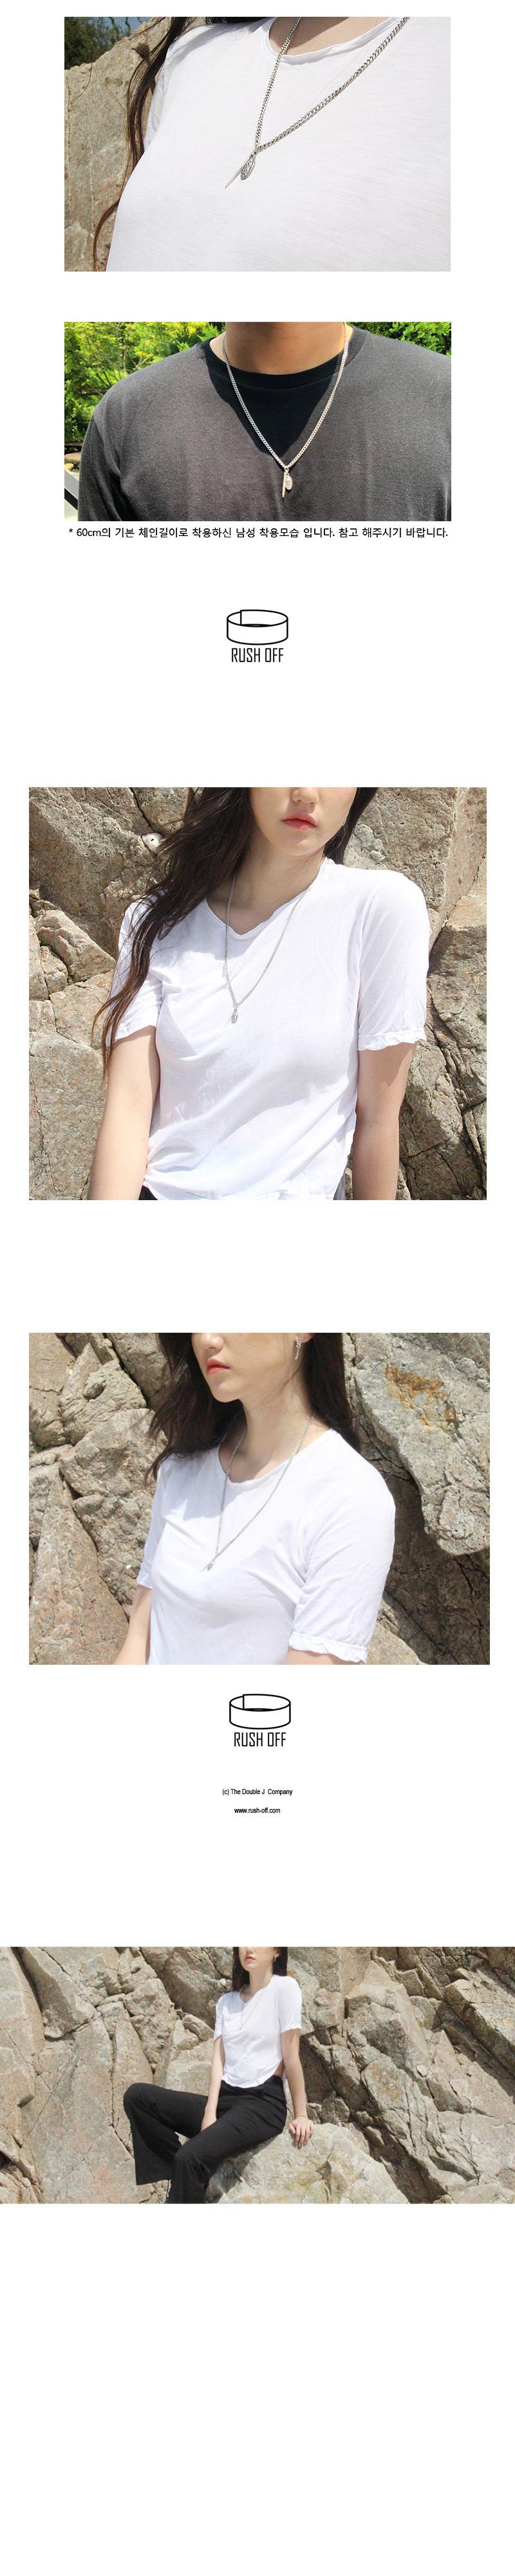 듀얼 실버 팬던트 목걸이(은도금) - 러쉬오프, 18,900원, 실버, 펜던트목걸이